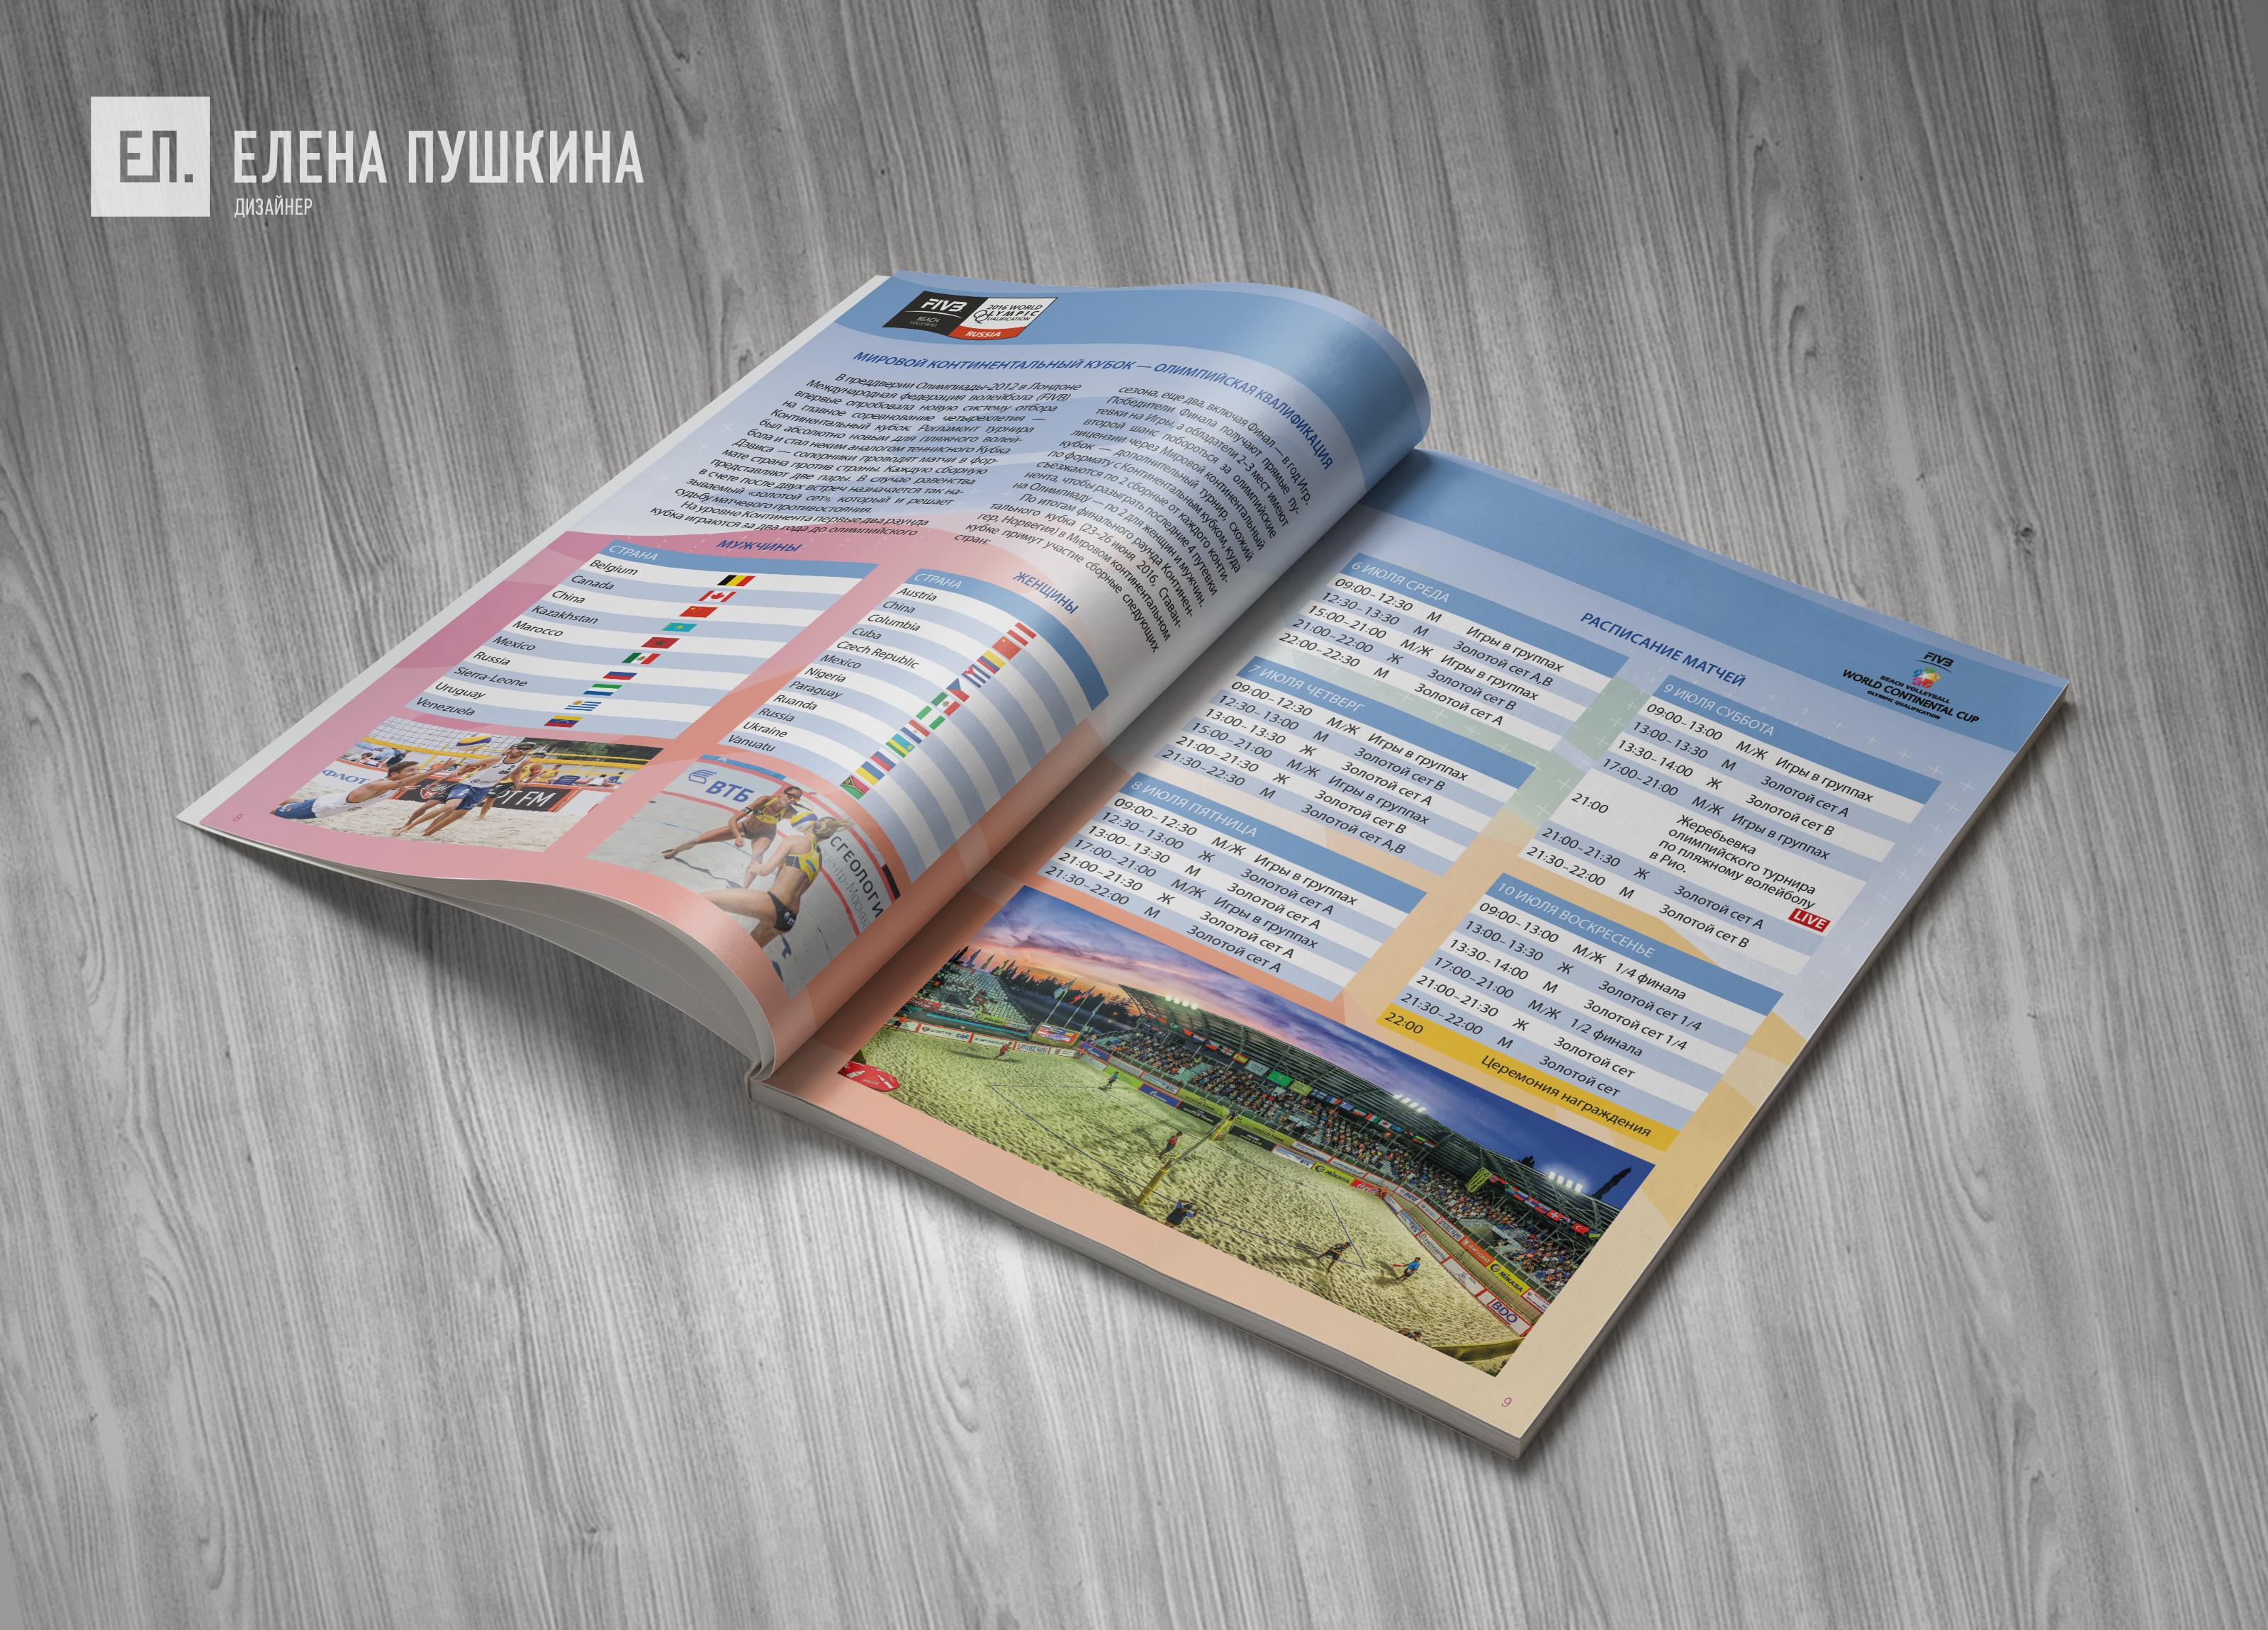 «Мировой континентальный кубок 2016 попляжному волейболу»— разработка дизайна с«нуля» ивёрстка брошюры Дизайн брошюр, буклетов Портфолио